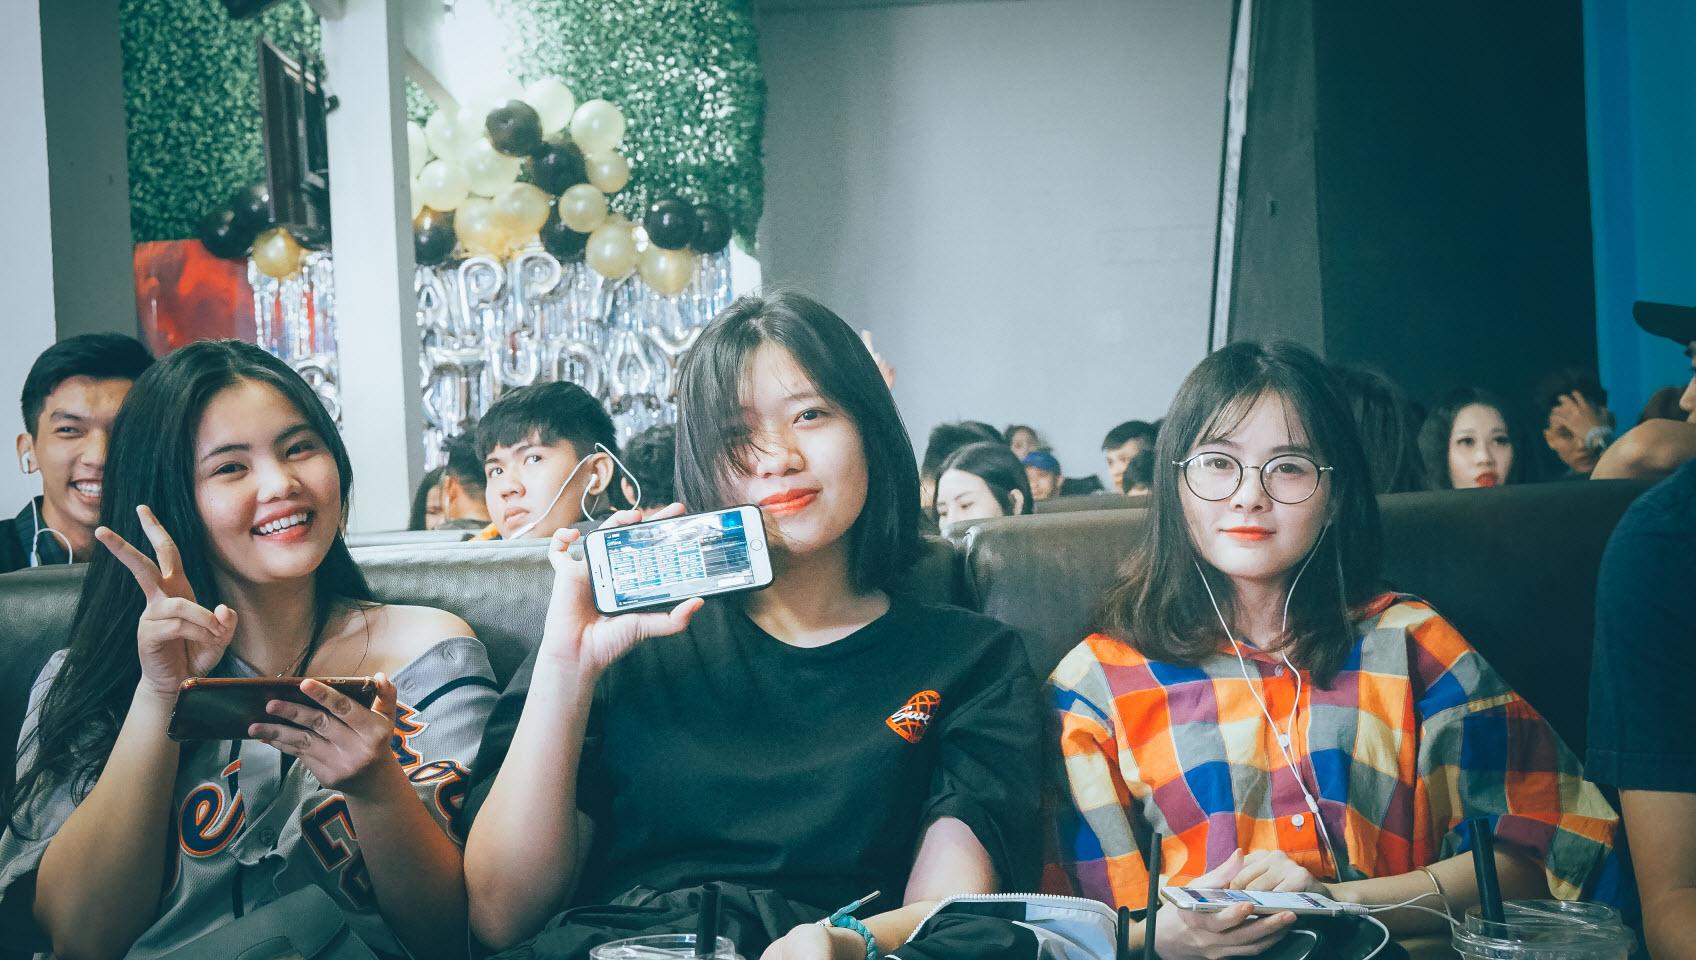 Cộng đồng Rules of Survival tổ chức offline mừng sinh nhật tại Hồ Chí Minh 10